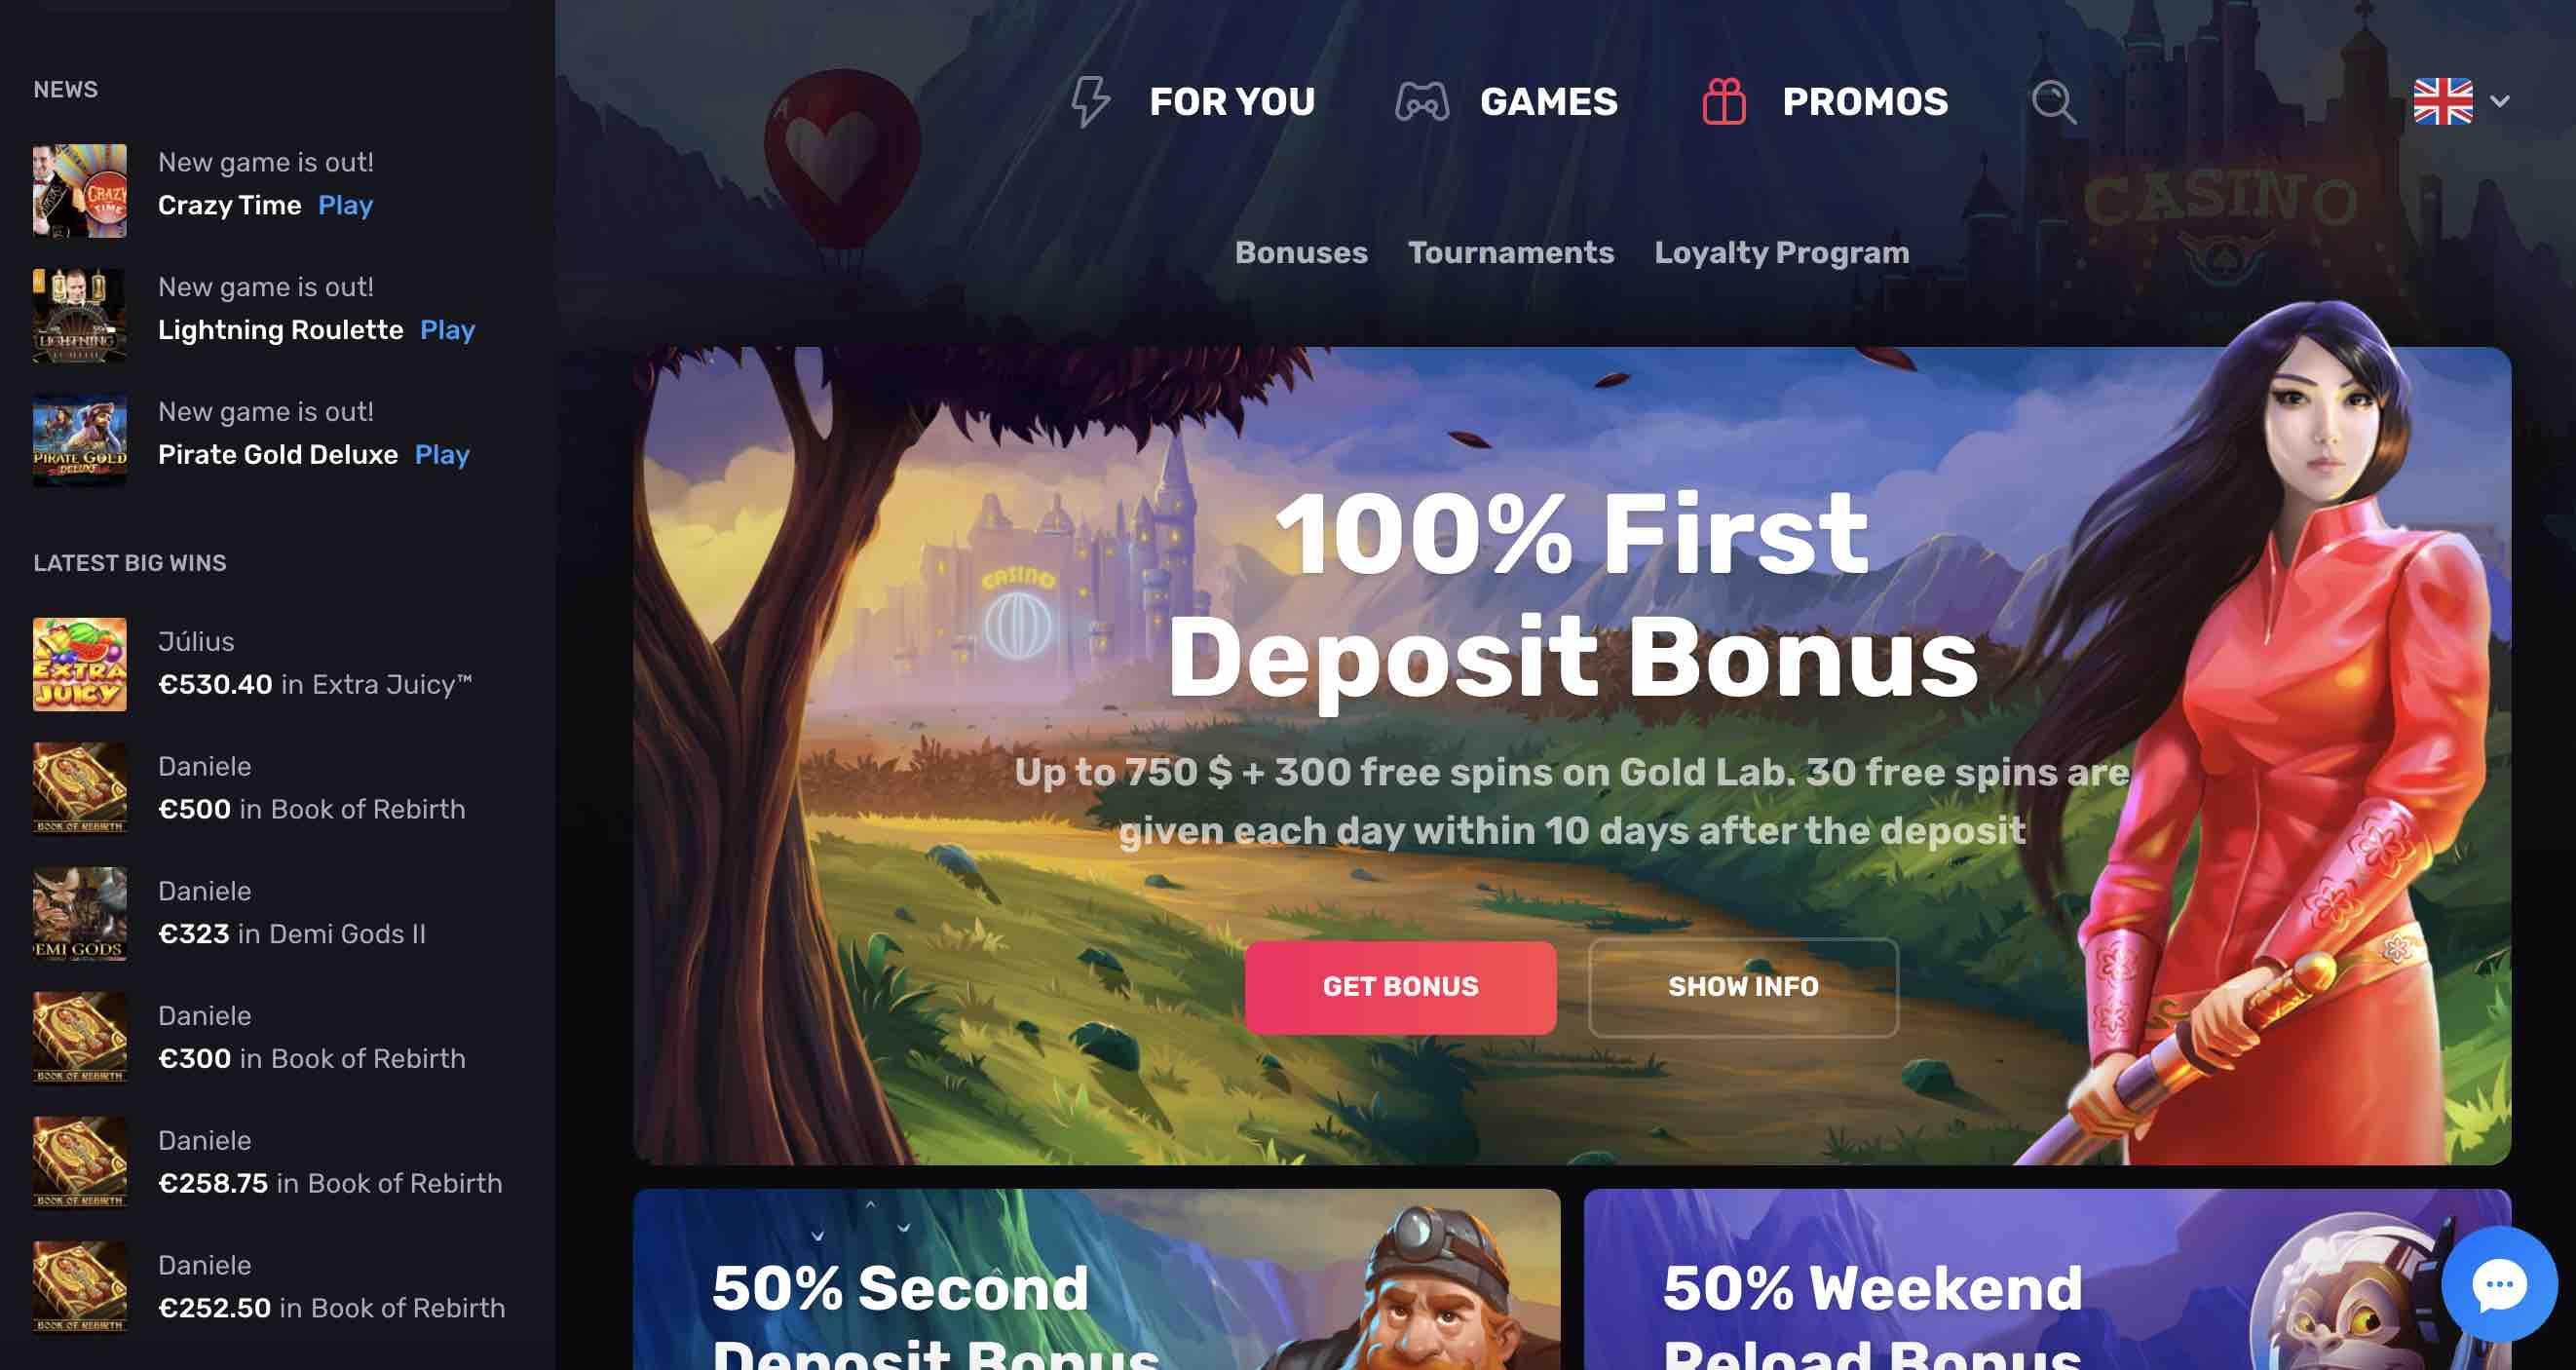 Win Big at Casinomia